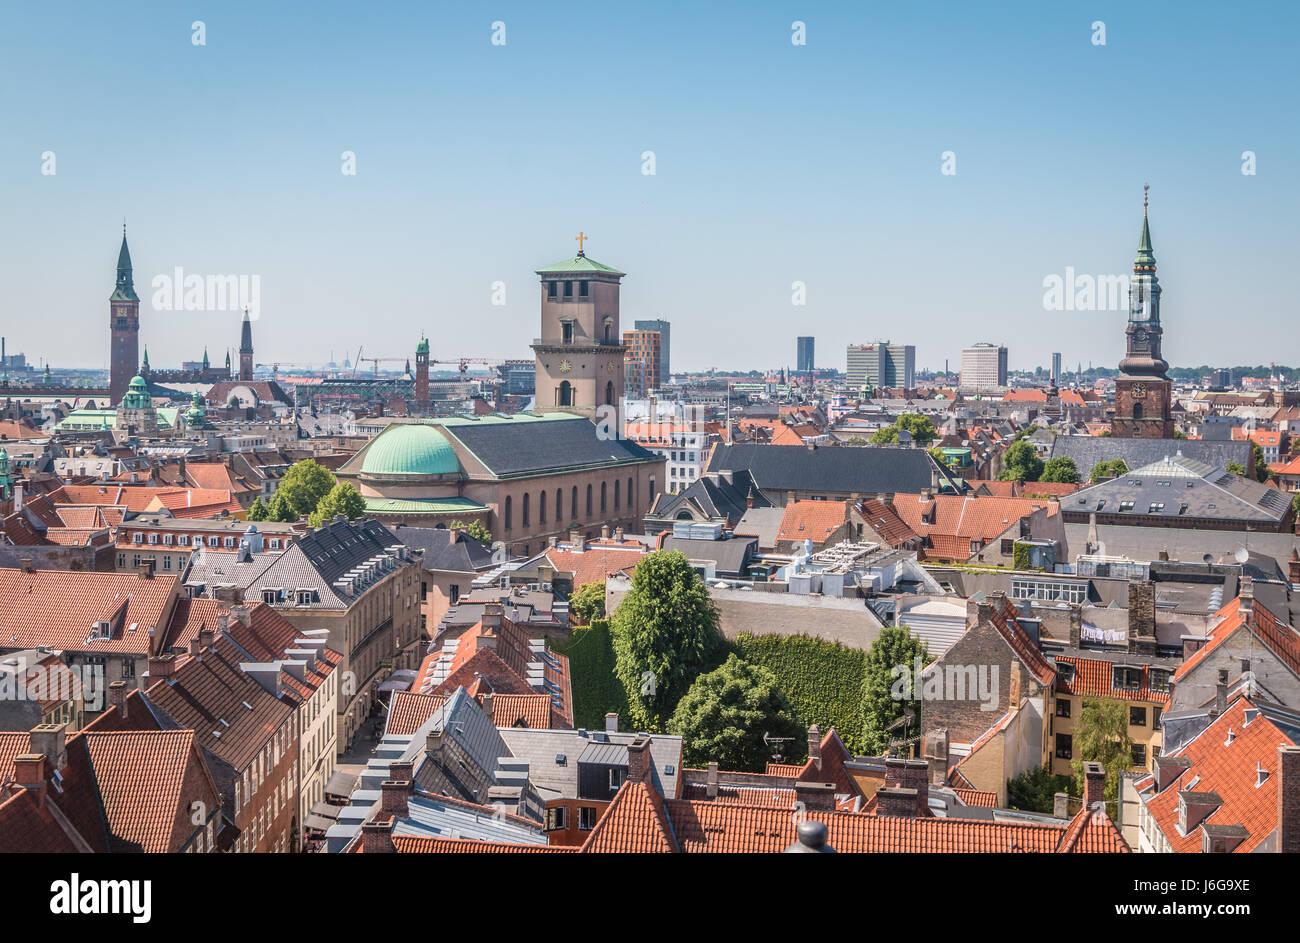 Nice view of Copenhagen - Stock Image